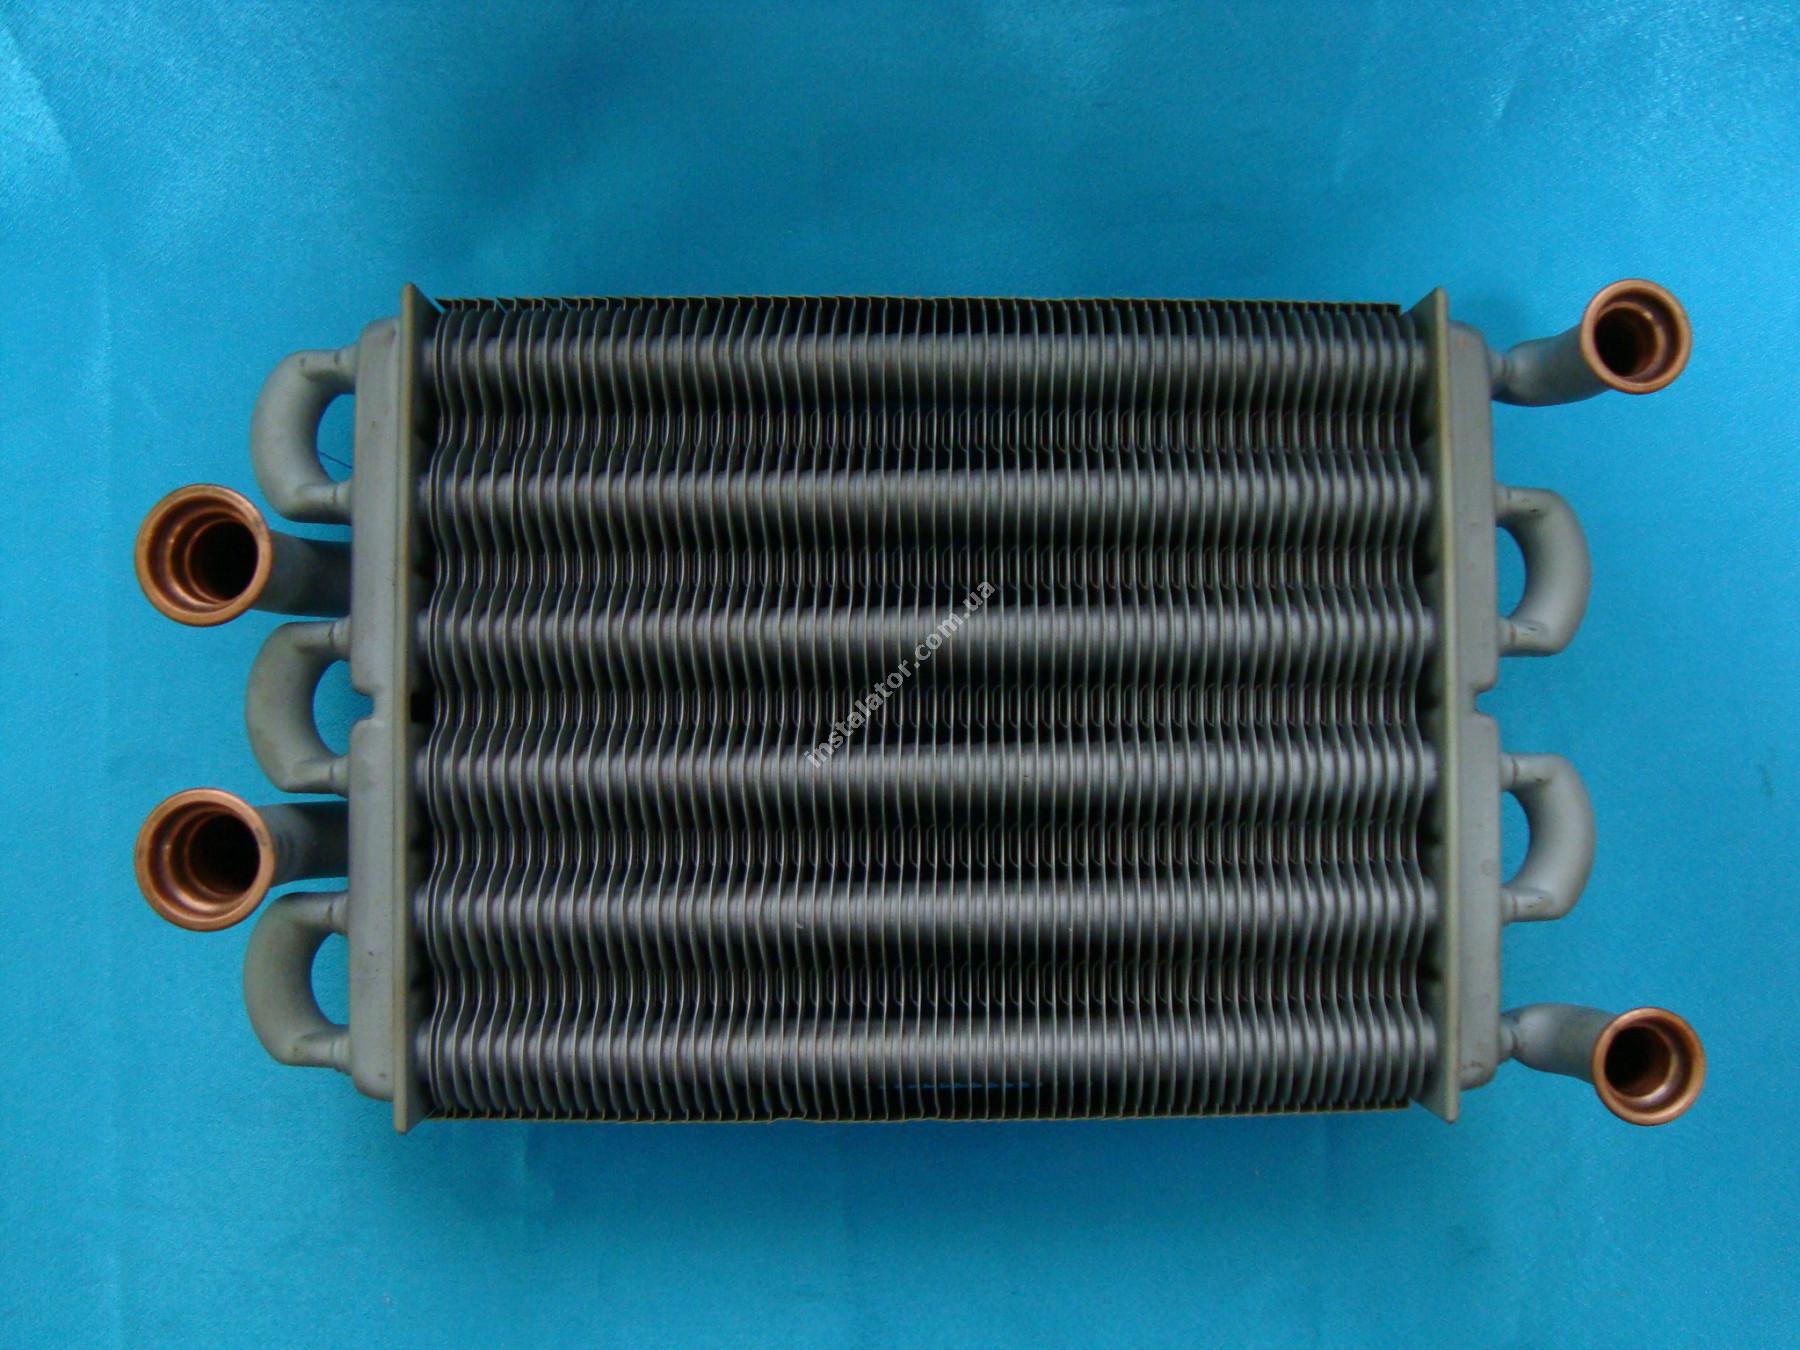 39820060 Теплообмінник бітермічний  FERROLI DOMIPROJECT C24, FerEasy C24 (дим) full-image-0